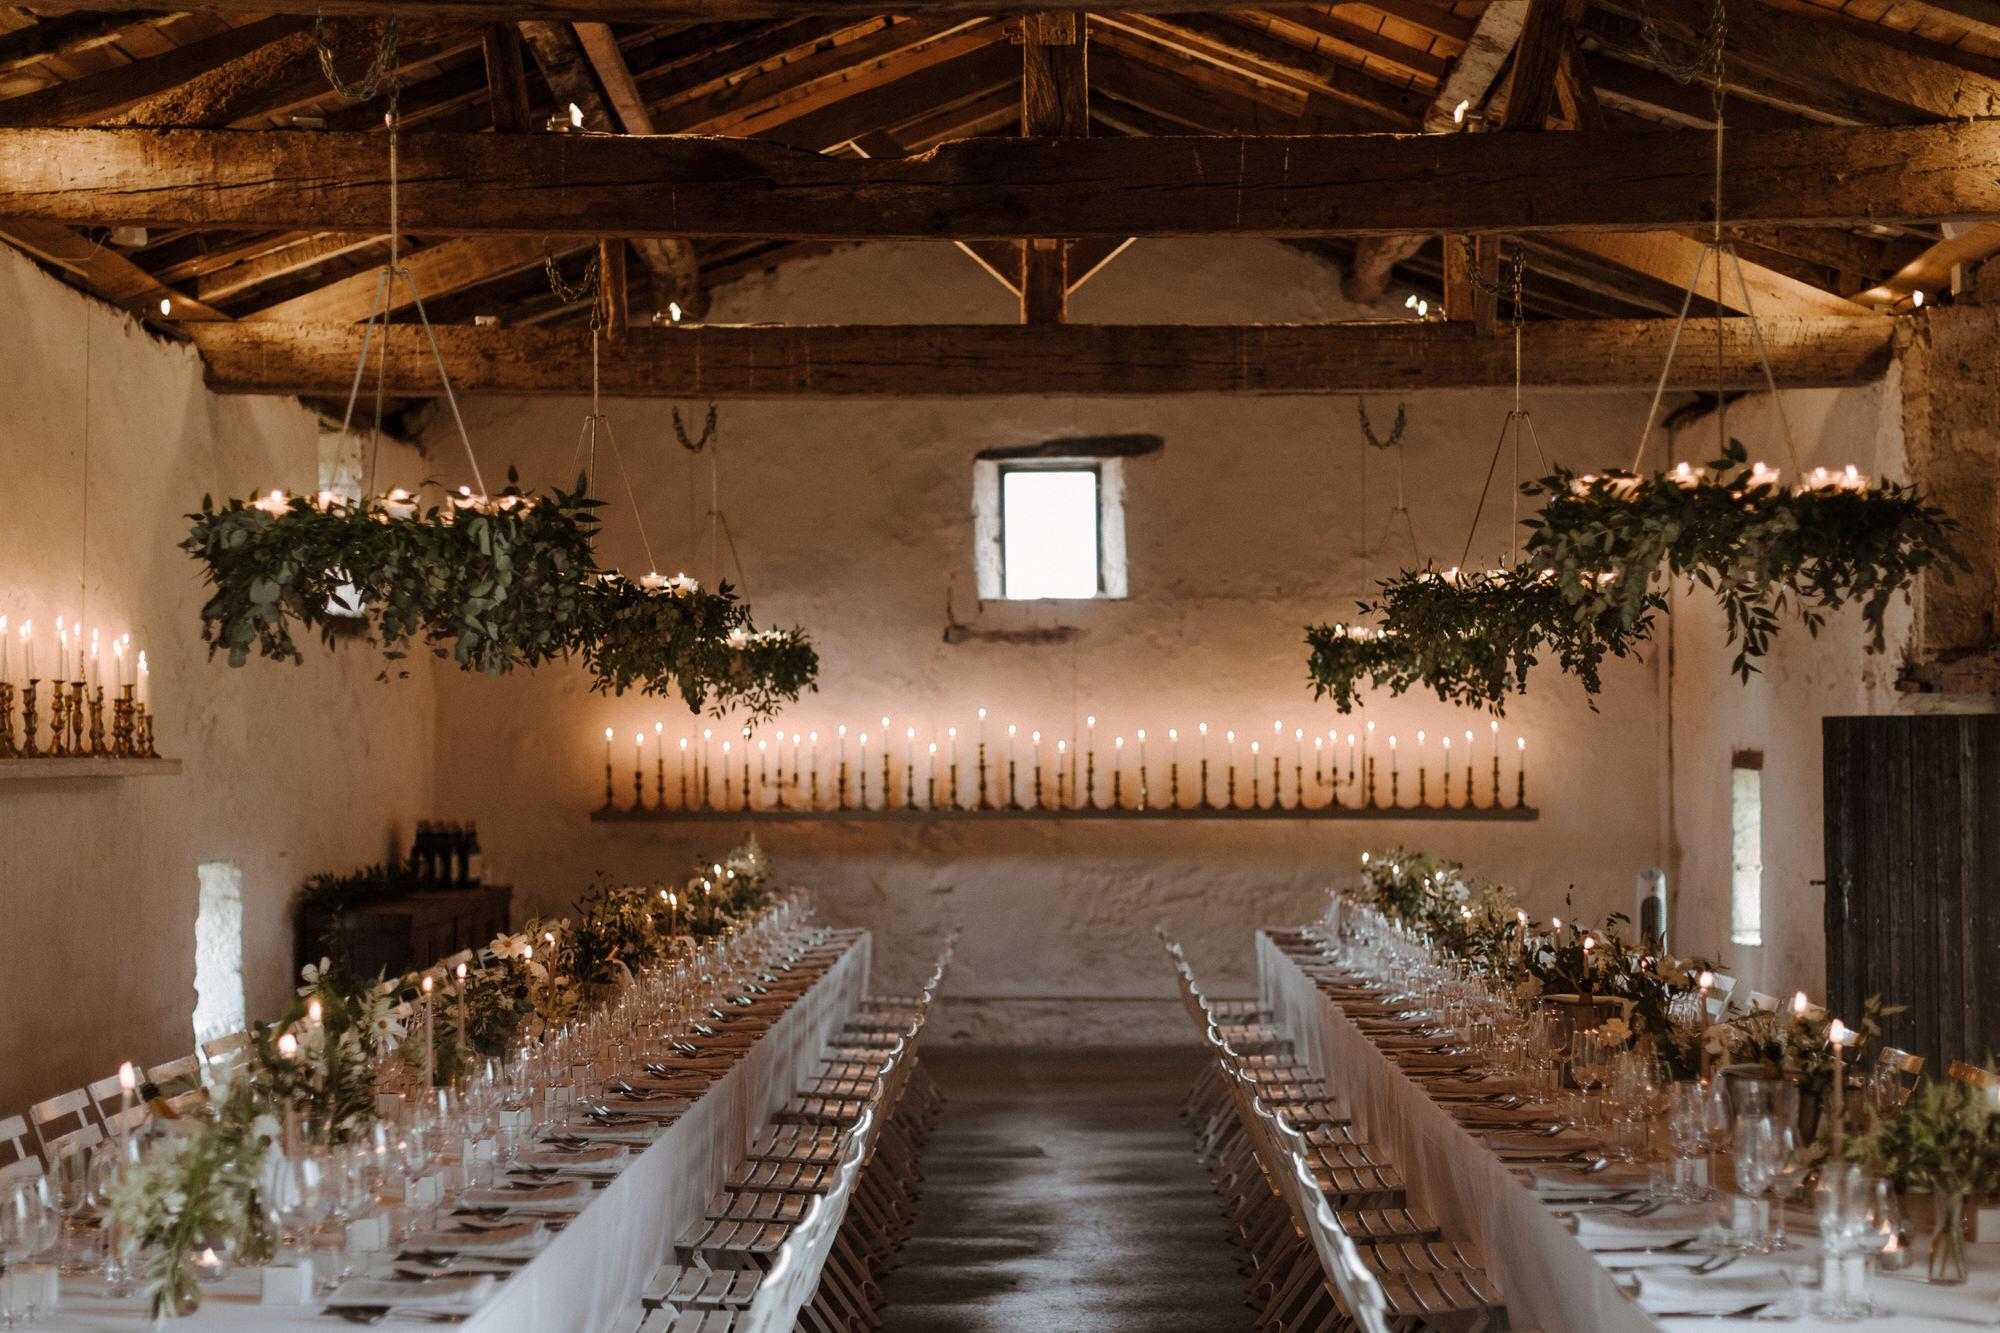 Chateau Rigaud Wedding Photography 17-17-00-1Q5A2761-R+L.jpg